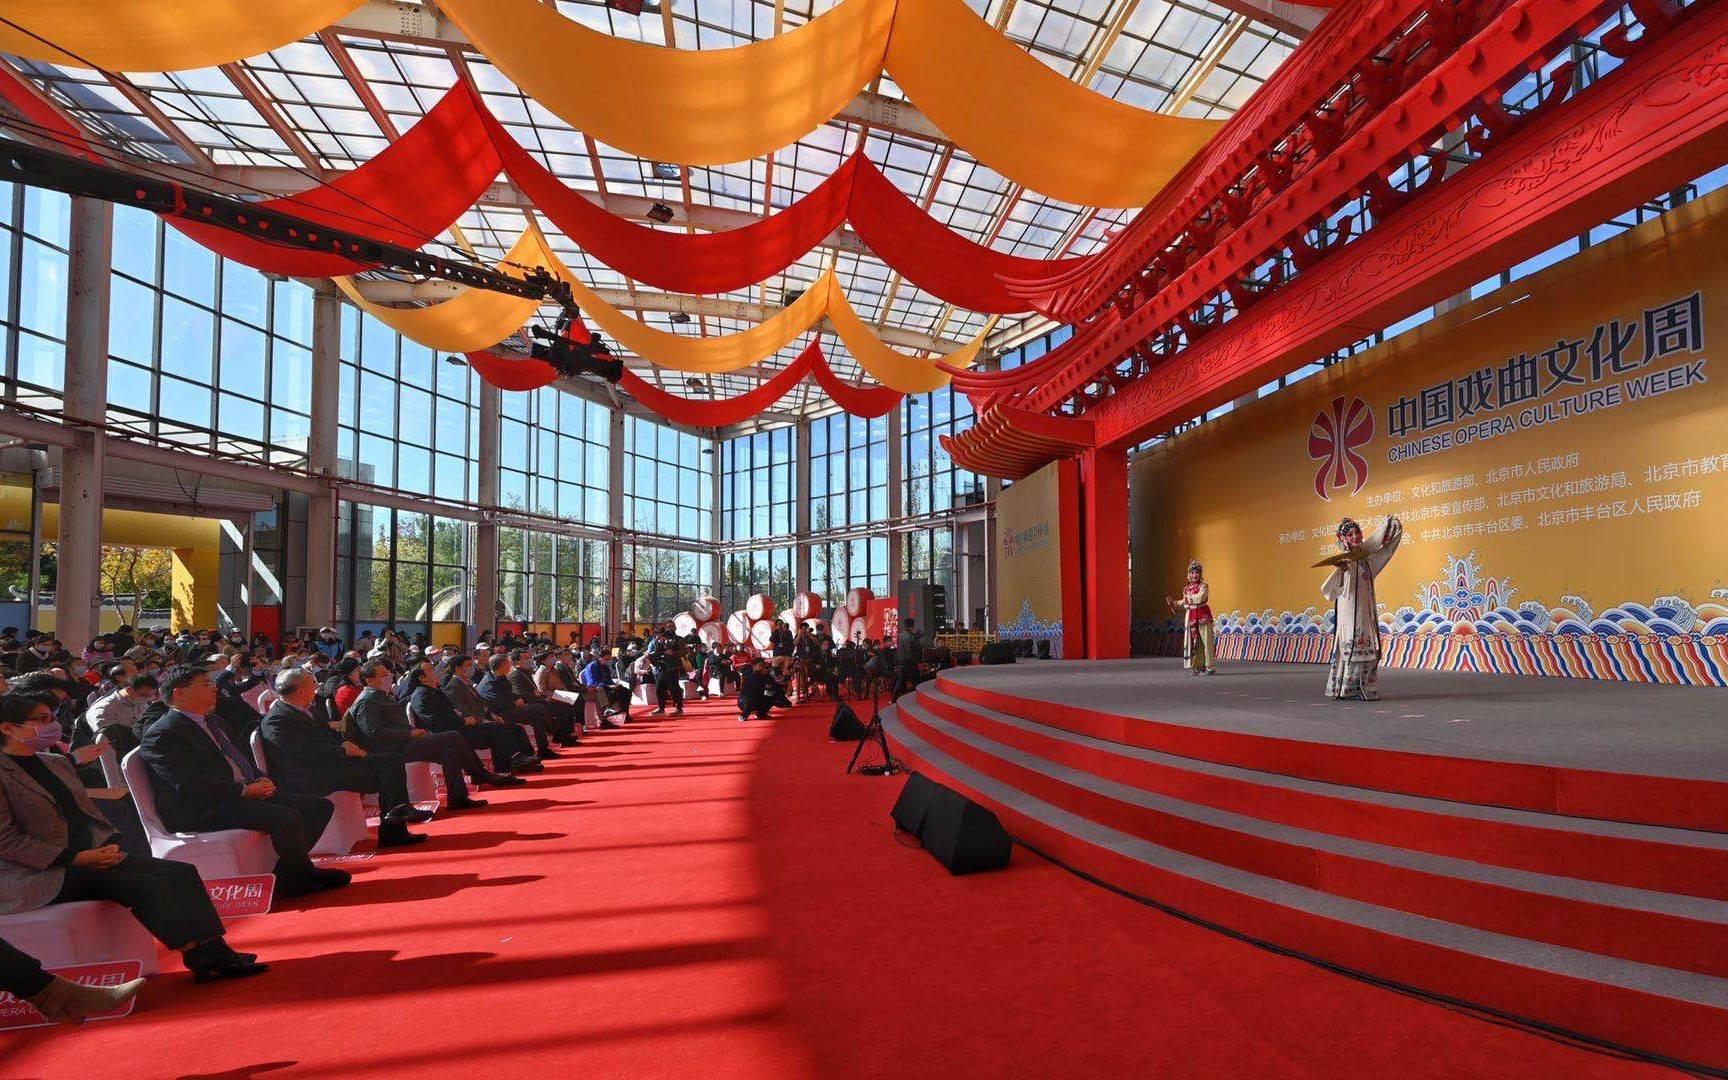 2020中国戏曲文化周鸣锣开戏,6天将演180场好戏